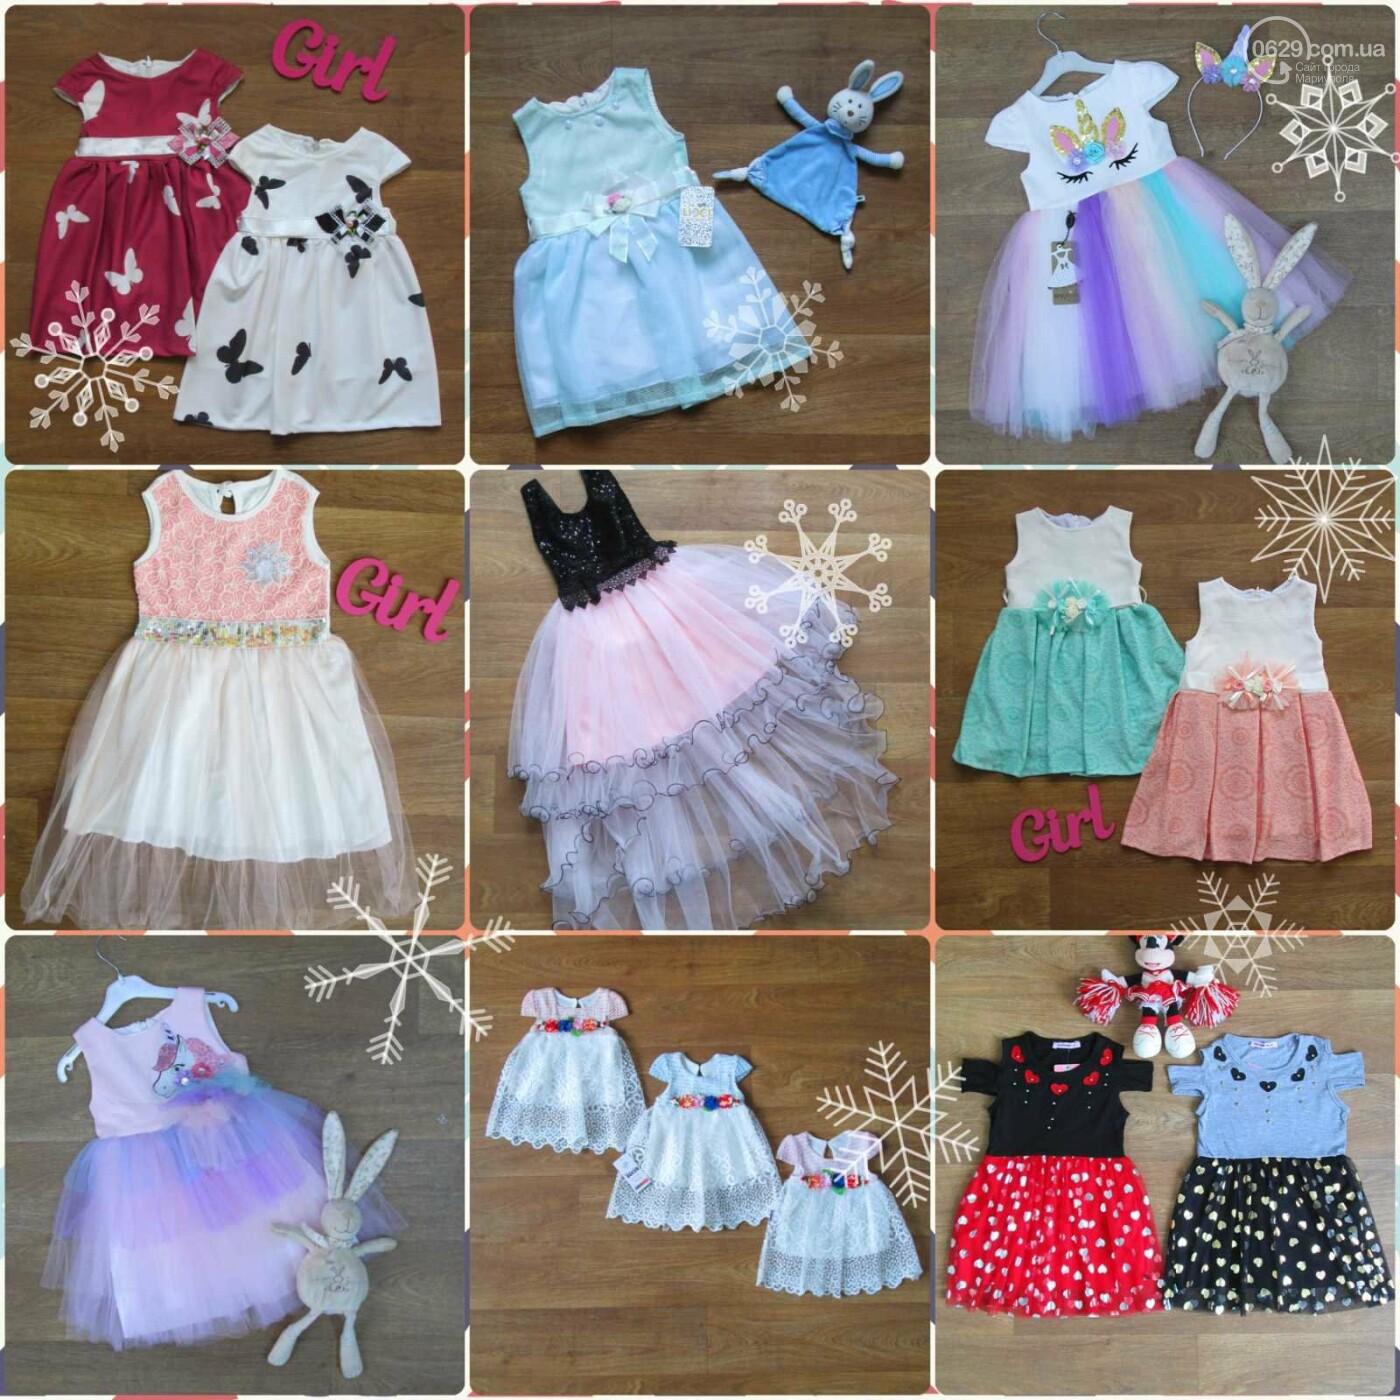 Детская одежда. Одежда для новорожденных, фото-2